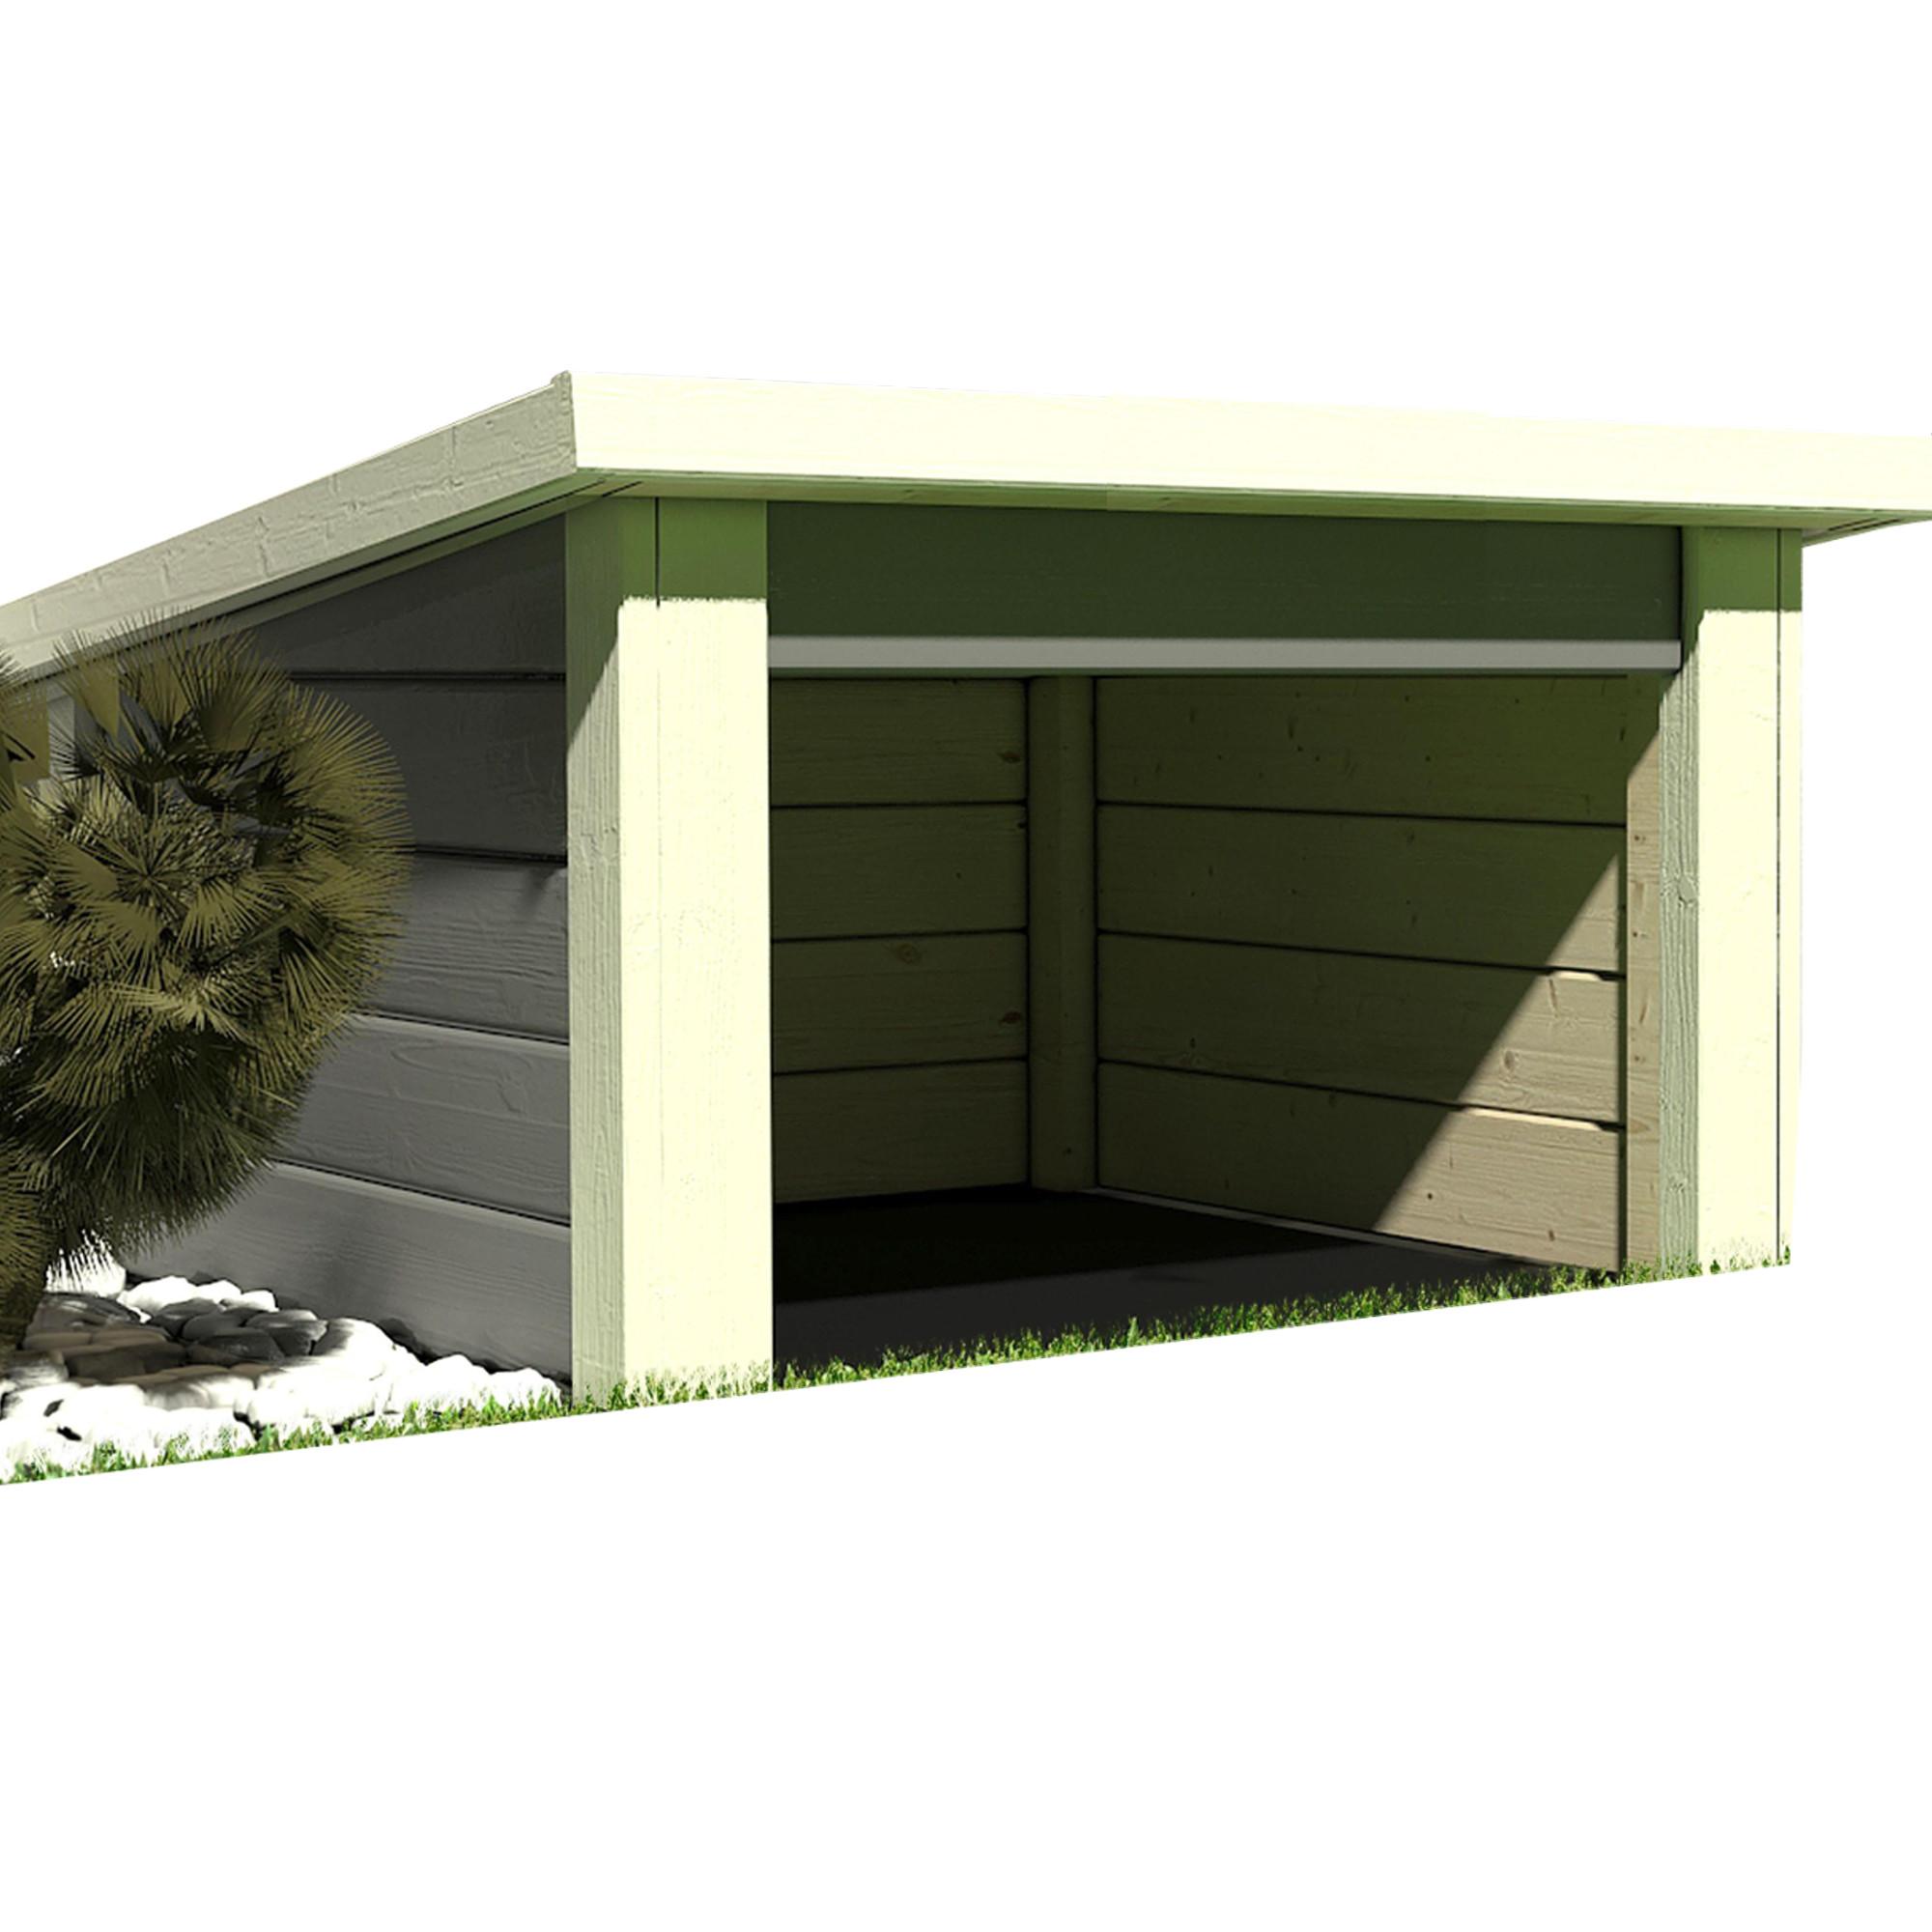 einzigartig spielzeug garage holz selber bauen tierspielzeug. Black Bedroom Furniture Sets. Home Design Ideas